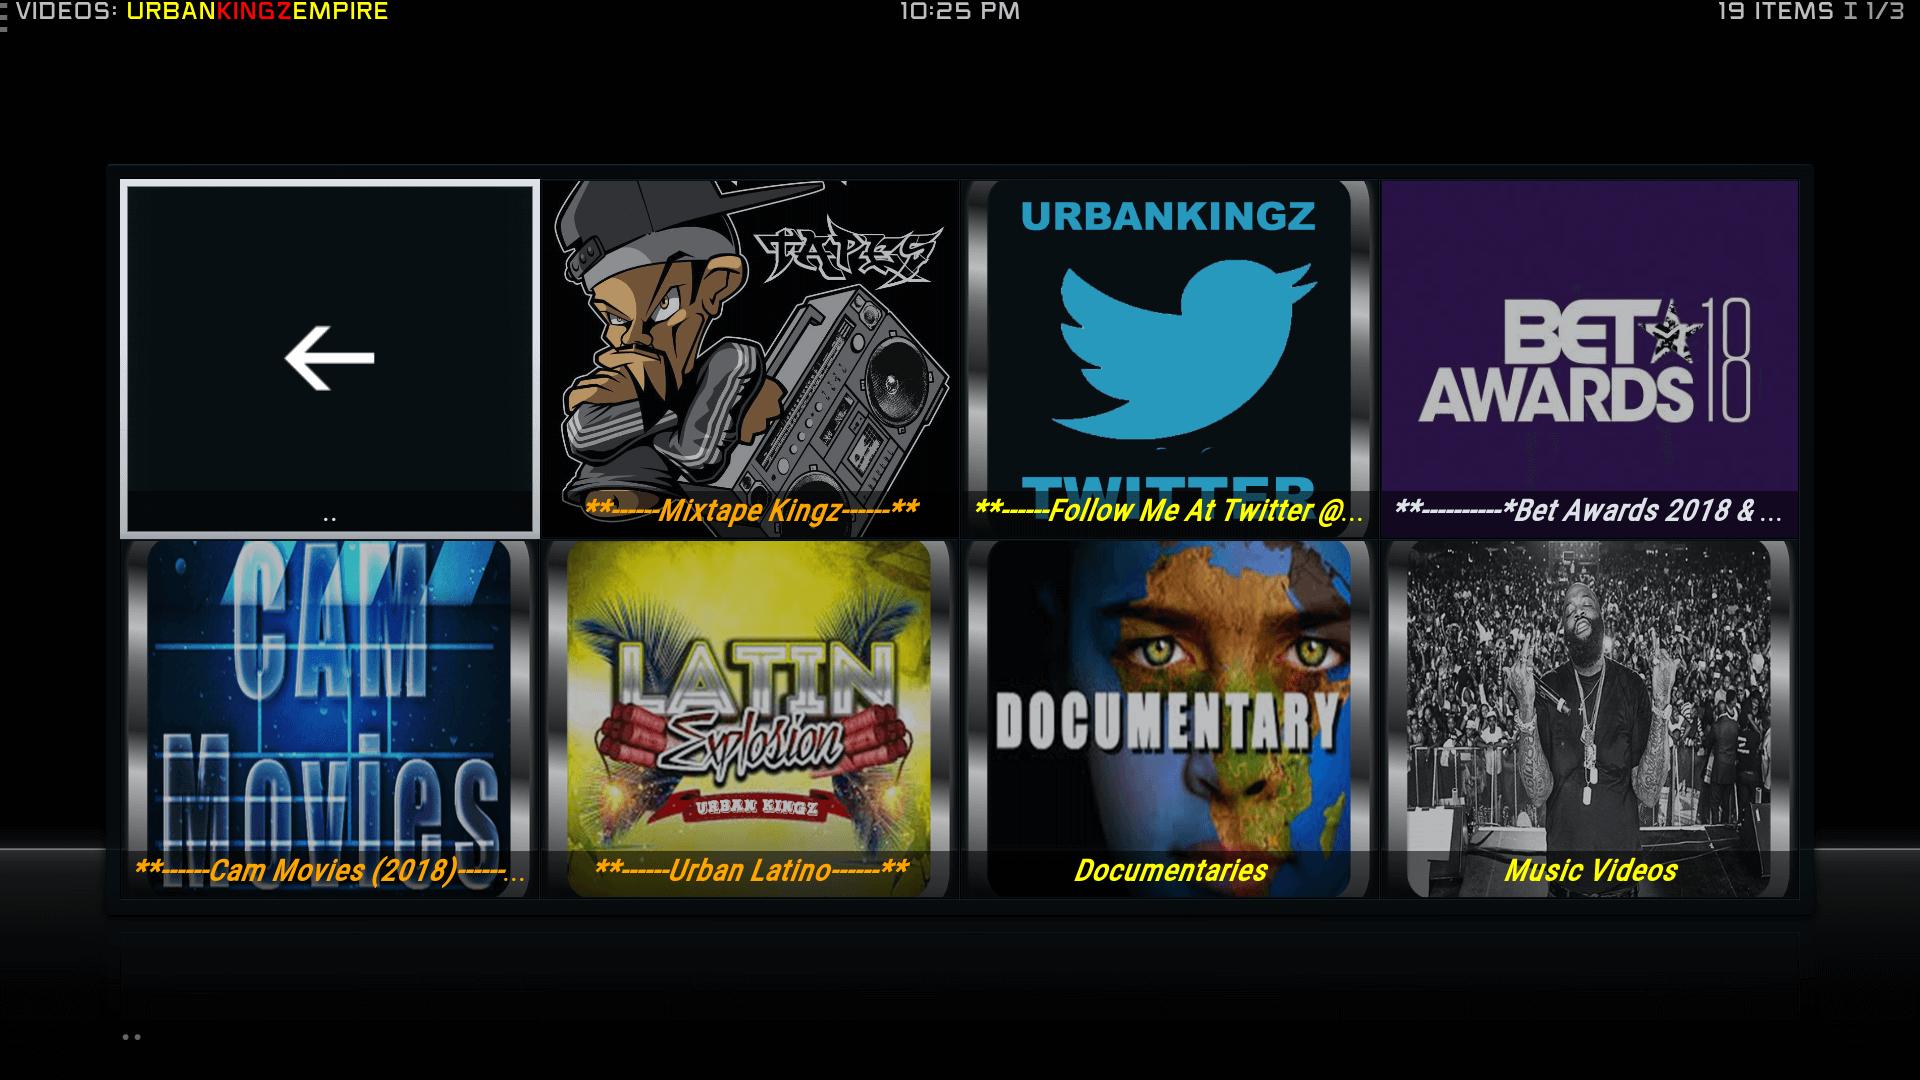 Guide Install UrbanKingz Empire Kodi Addon Repo